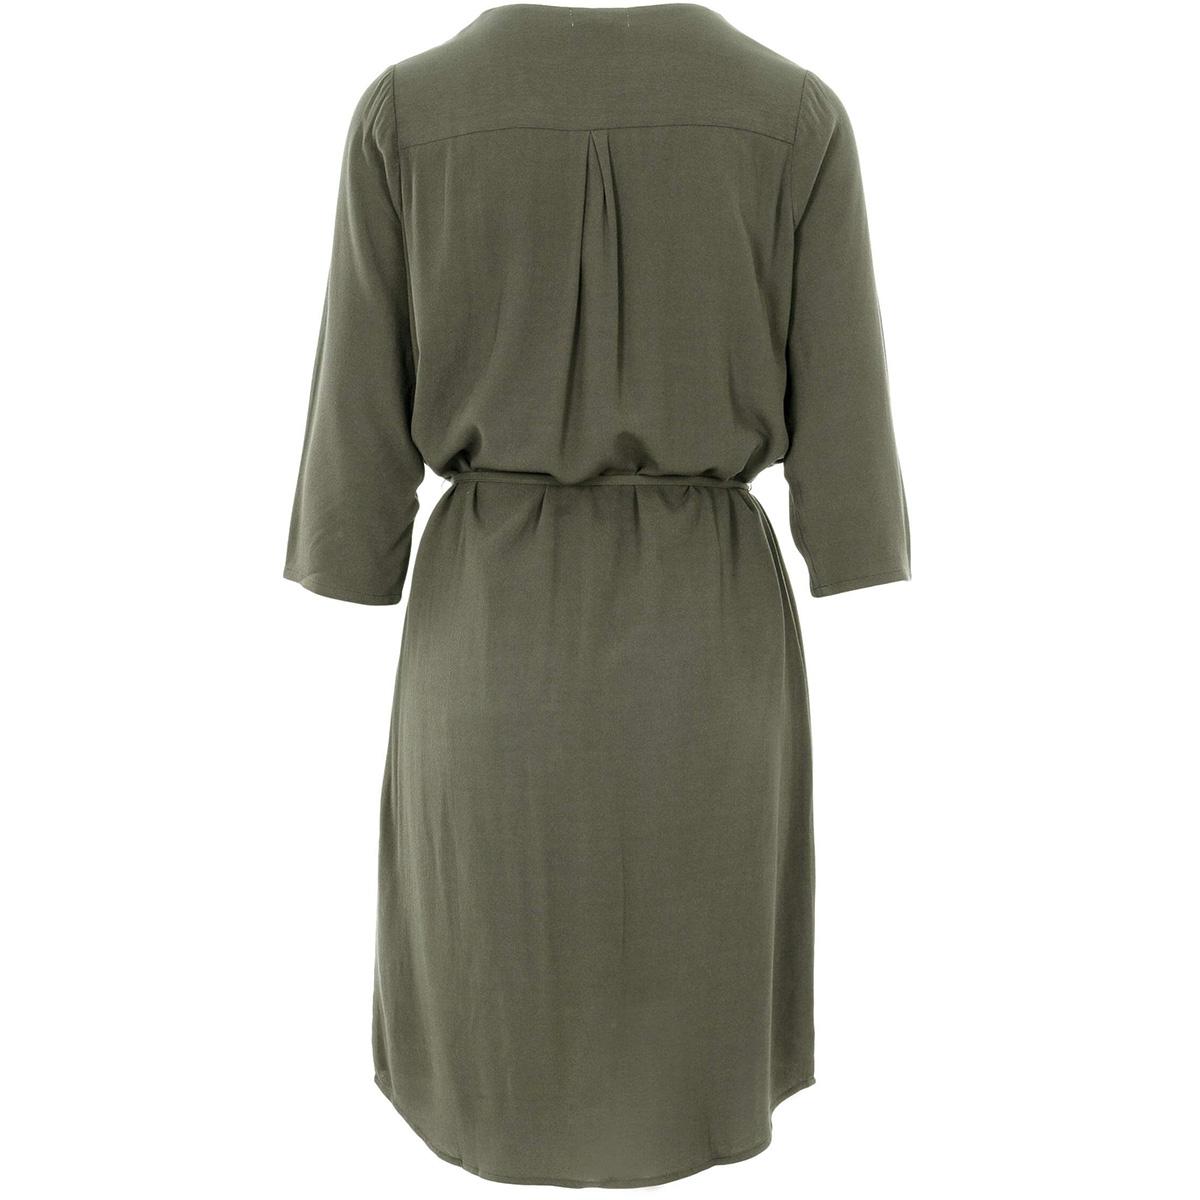 vlot jurkje 0301 010 4500 zusss jurk groen